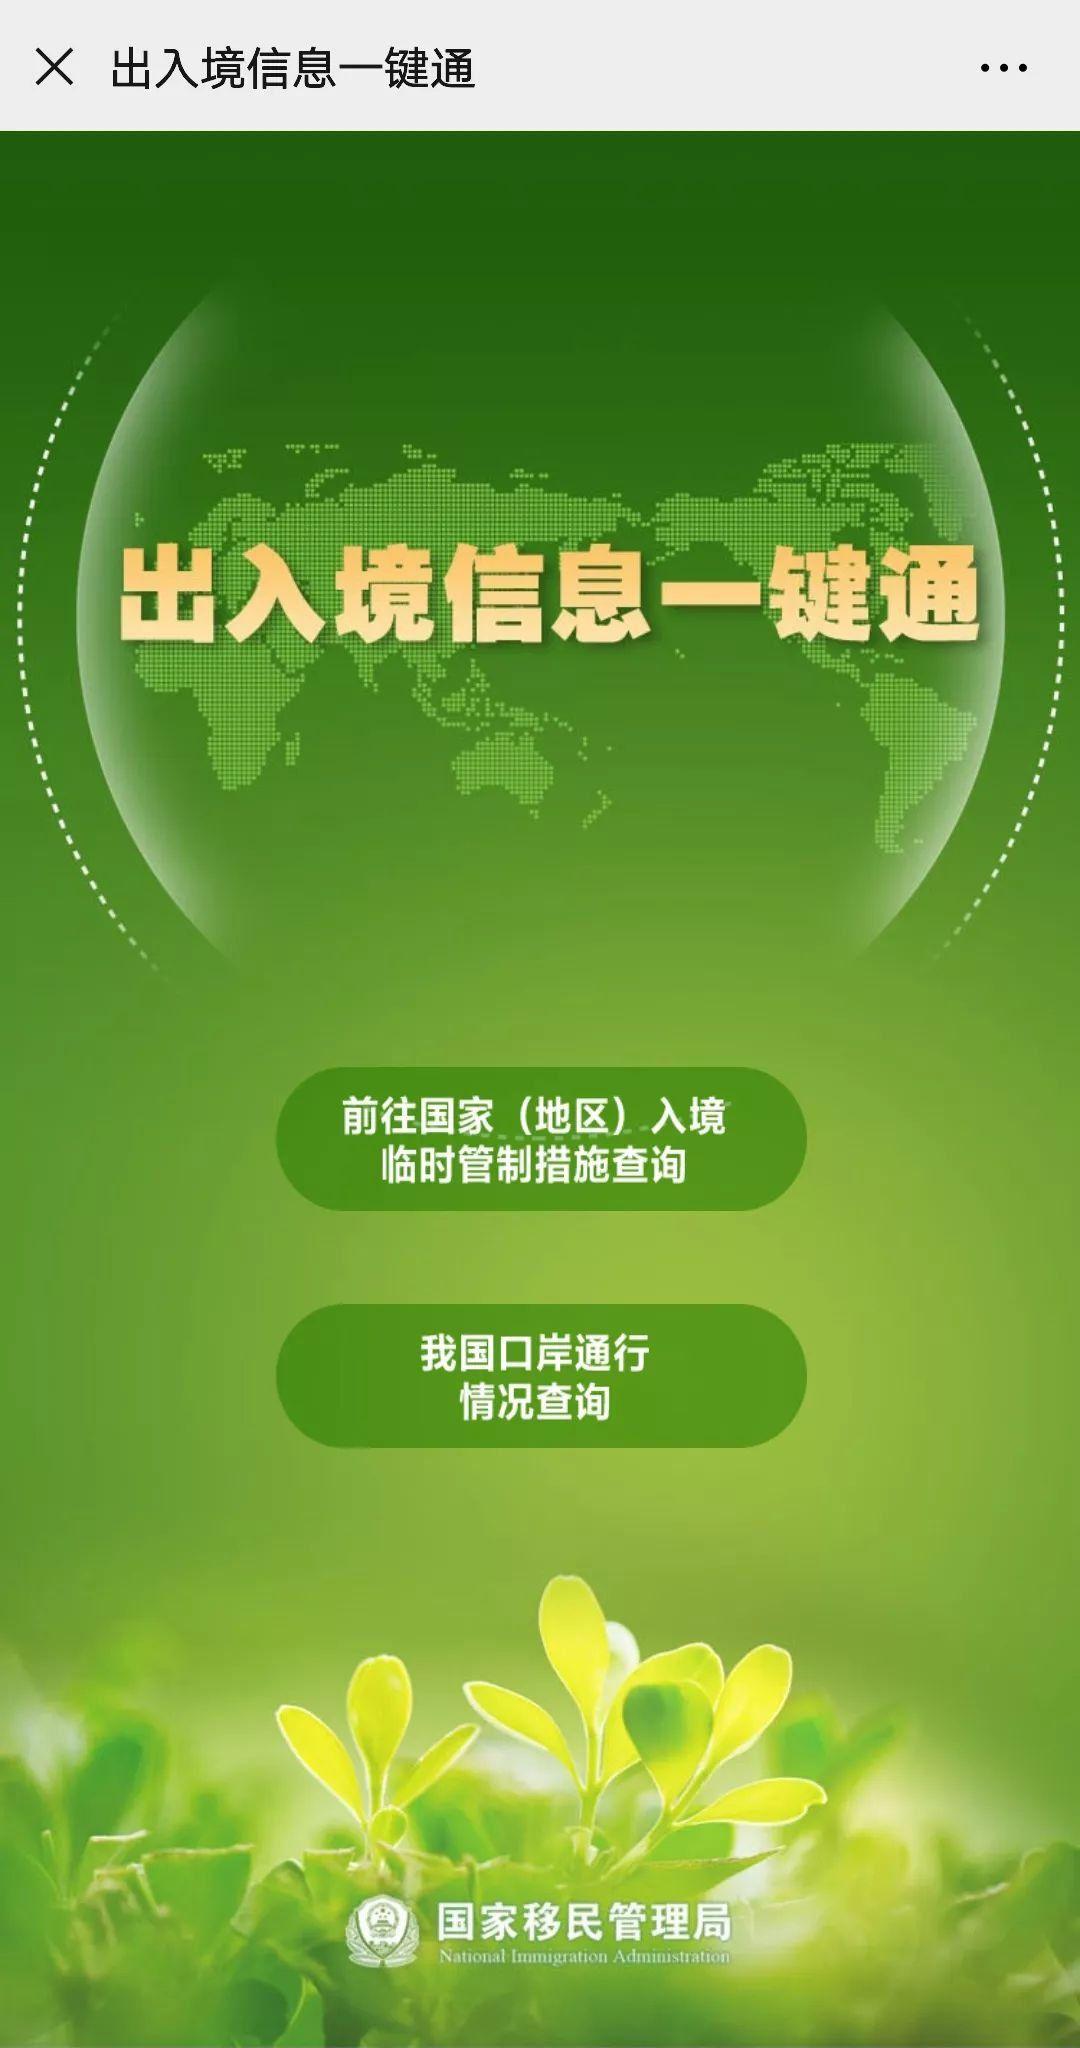 杭州肺炎期间我国口岸通行情况查询入口及步骤